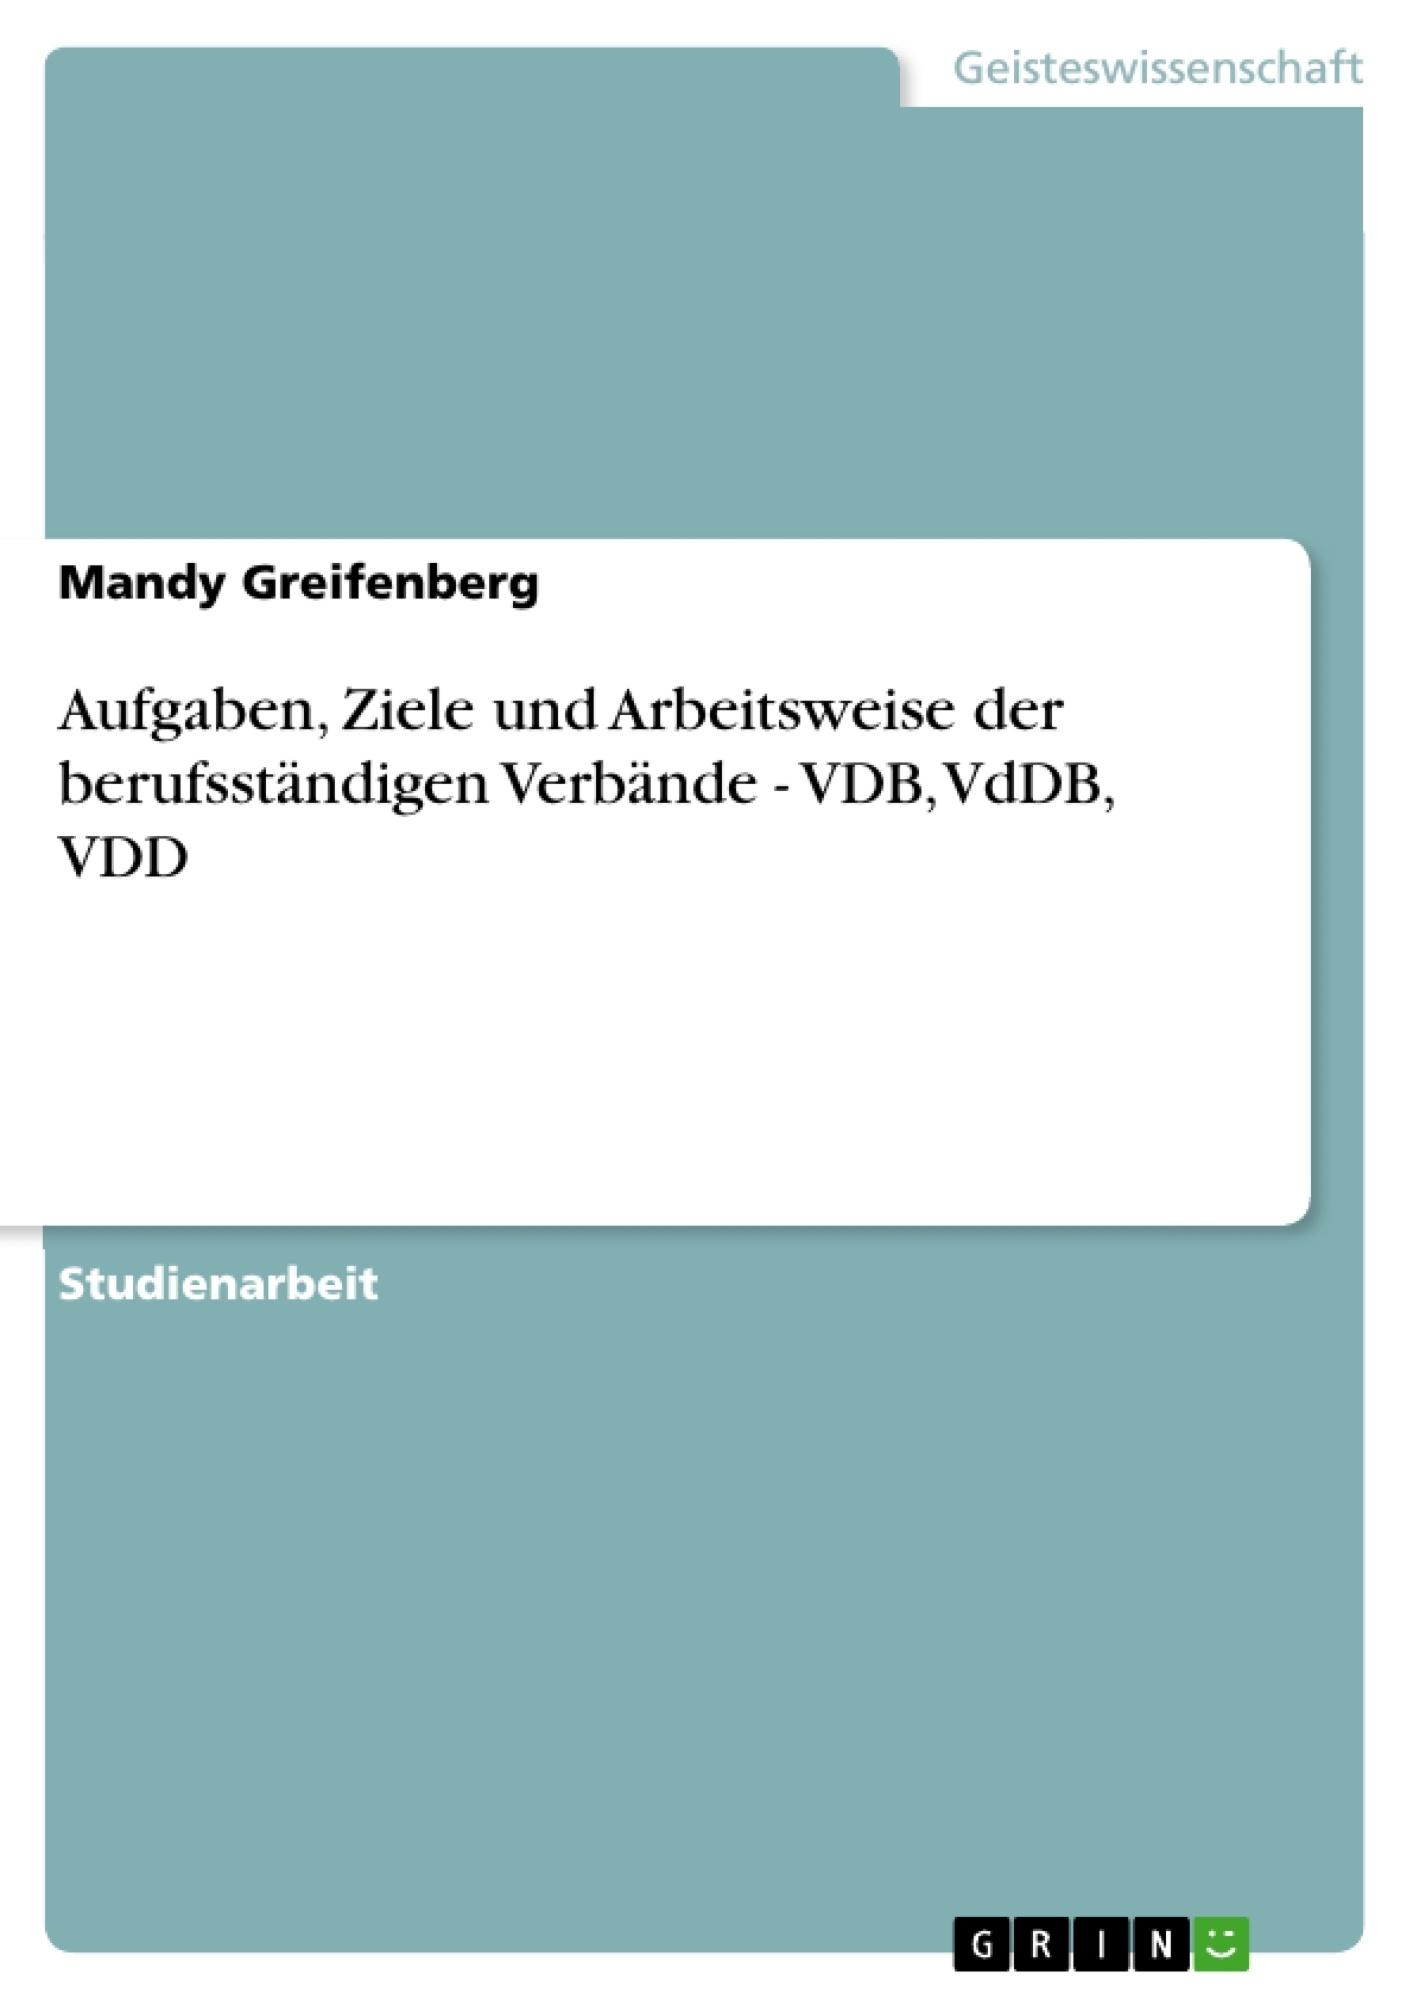 Titel: Aufgaben, Ziele und Arbeitsweise der berufsständigen Verbände - VDB, VdDB, VDD